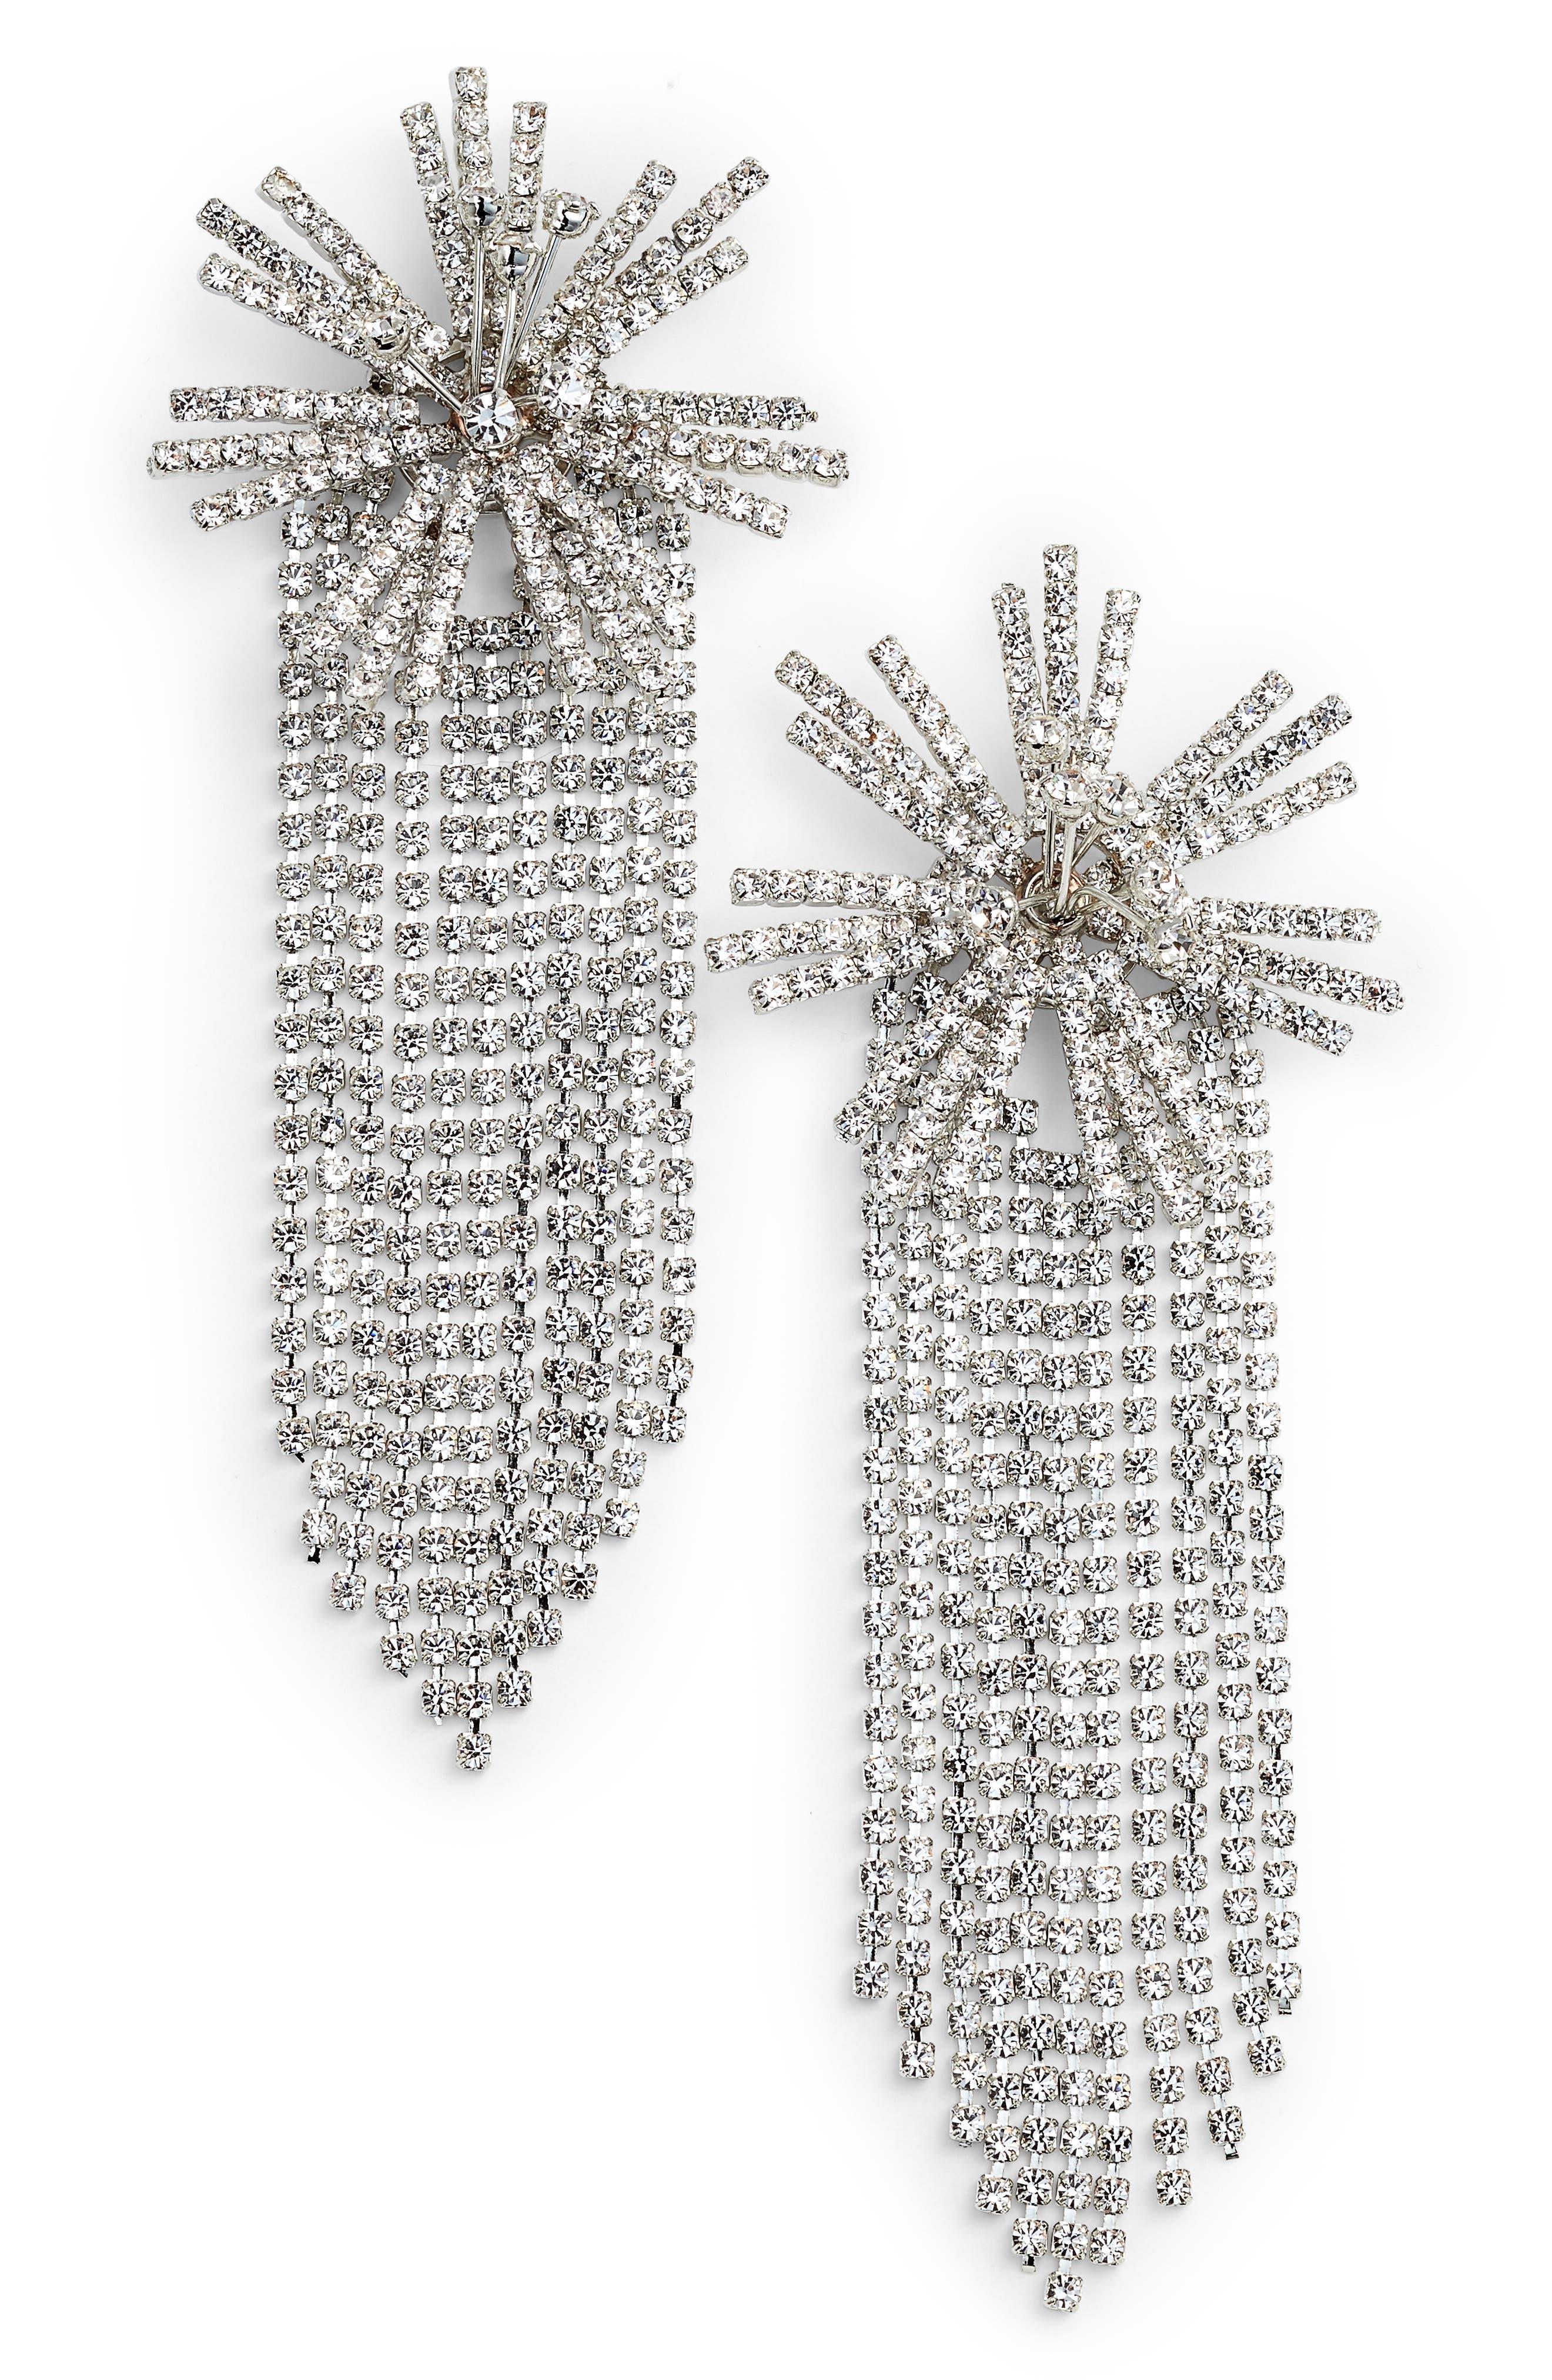 Alternate Image 1 Selected - CRISTABELLE Starburst Fringe Earrings